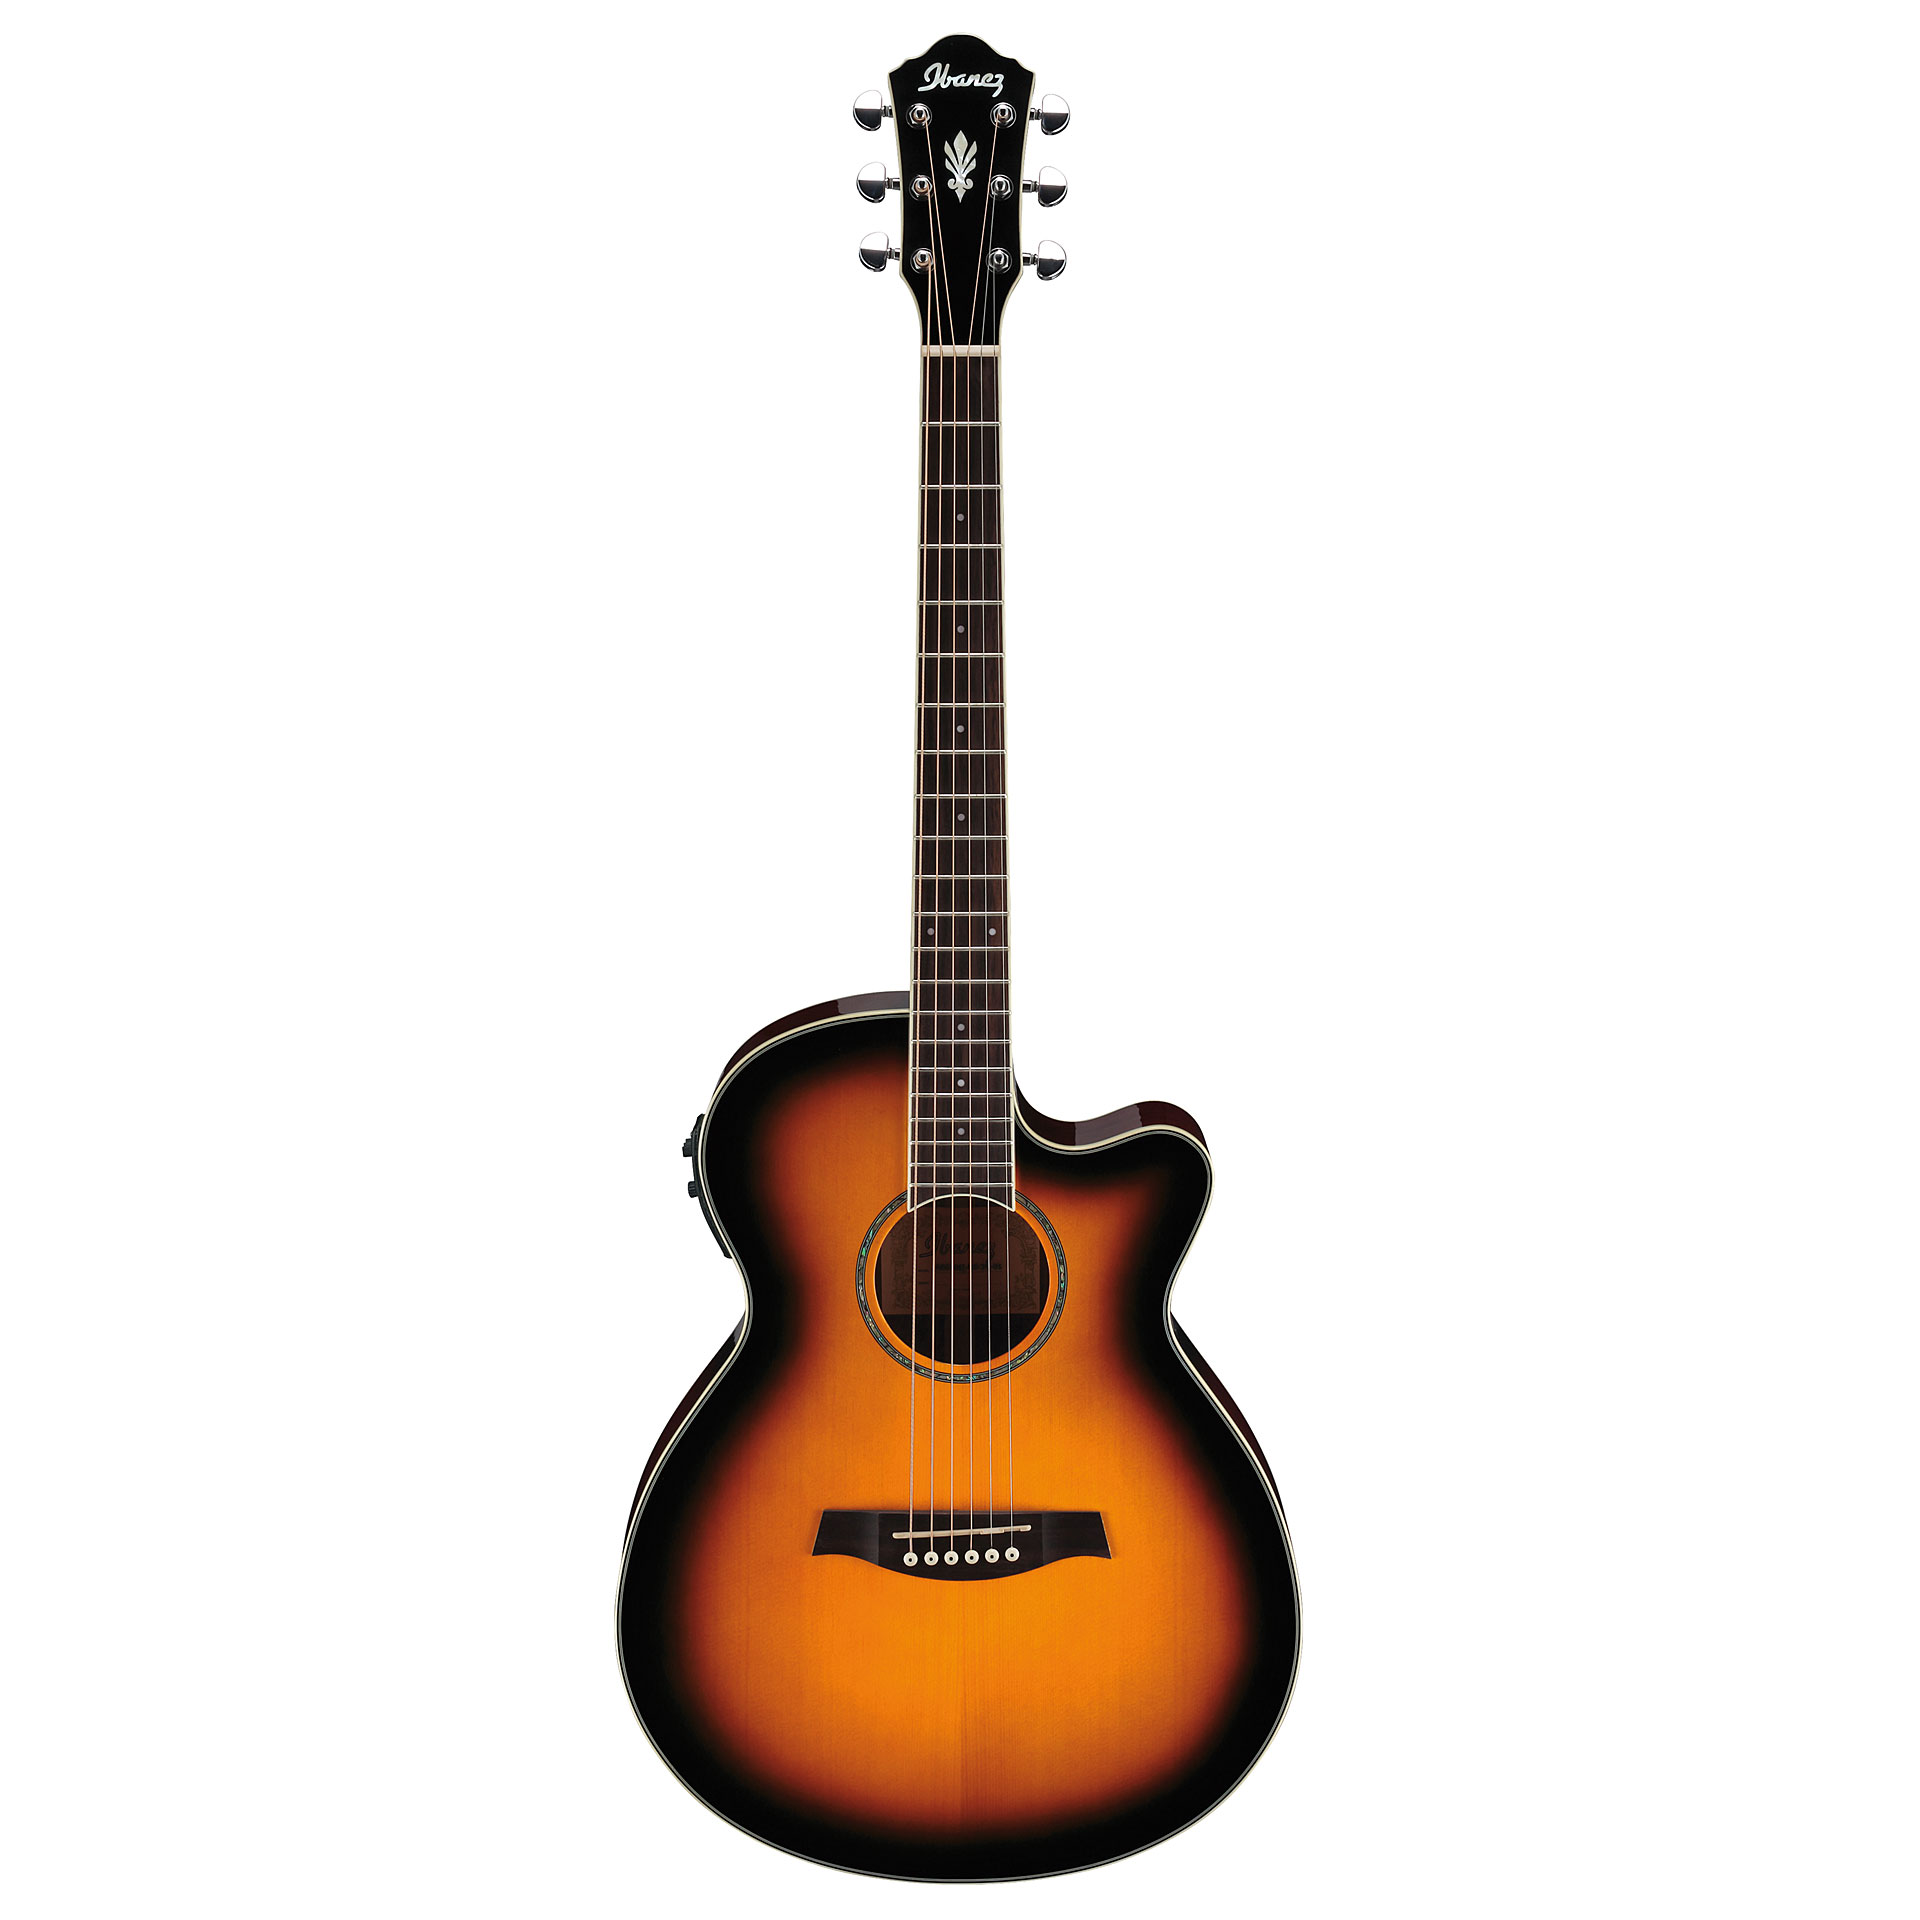 Ibanez  - AEG10II-VS Sunburst Guitare électro-acoustique